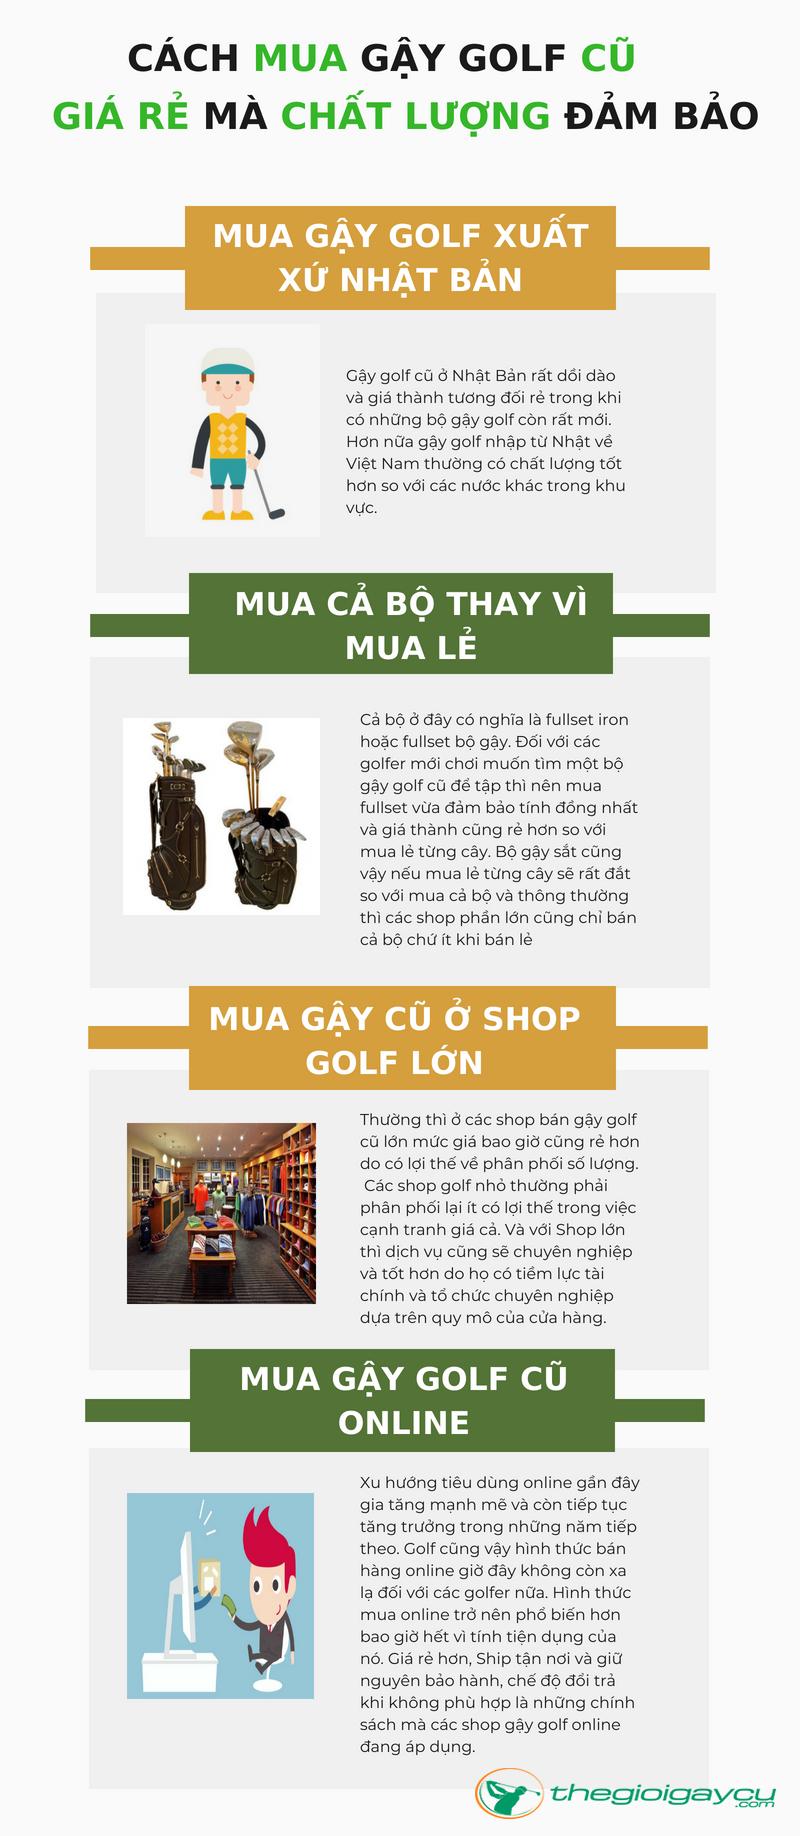 4 Mẹo khi chọn mua gậy golf cũ giá rẻ ở Việt Nam